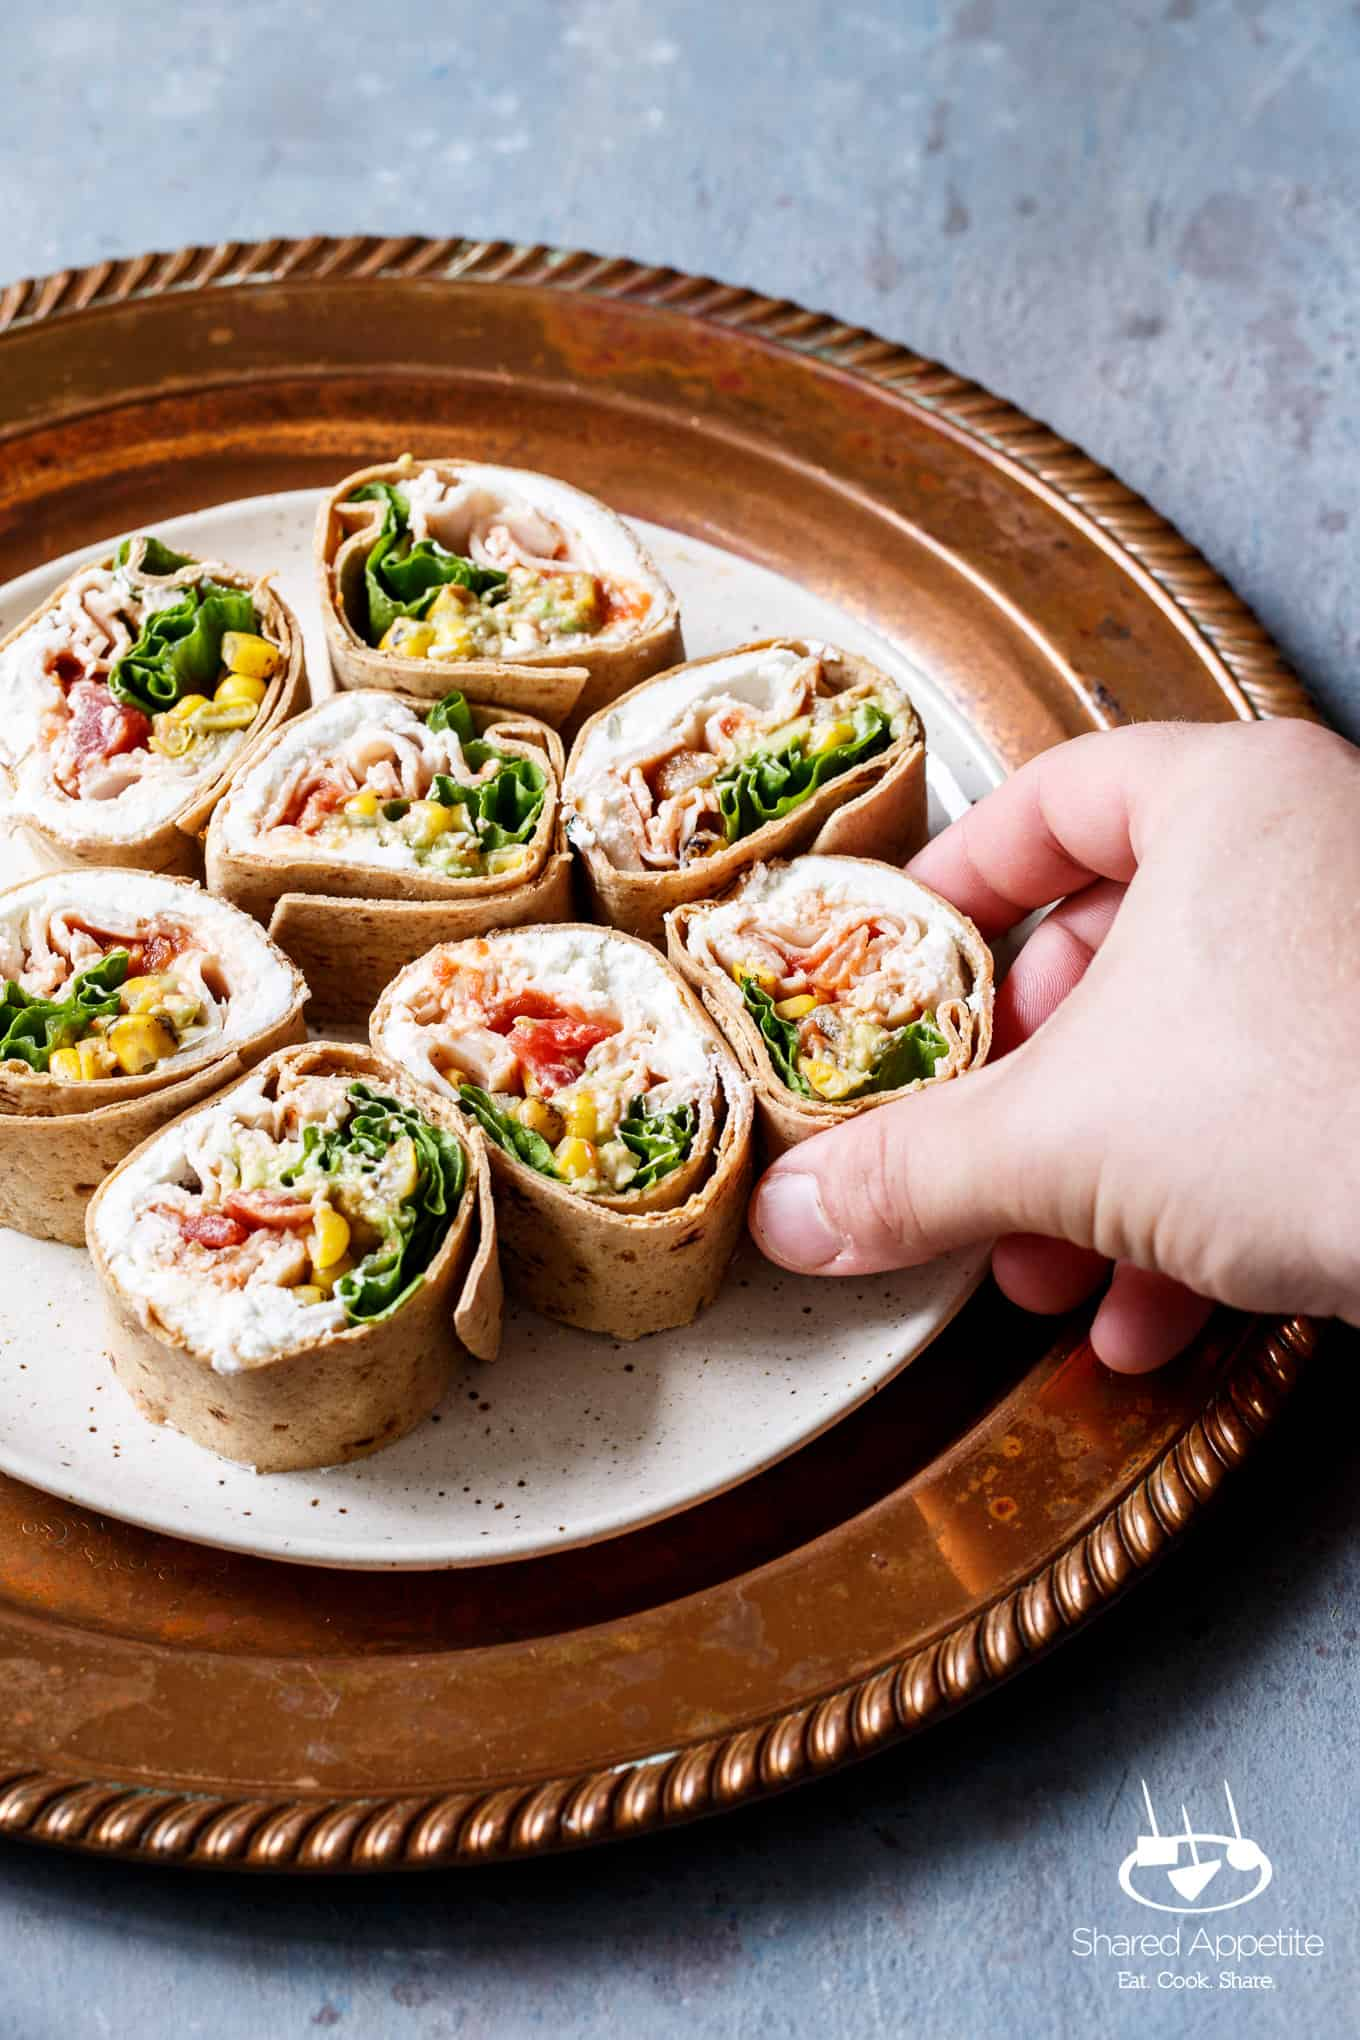 Grabbing a pinwheel of the Southwest Turkey Wraps | sharedappetite.com